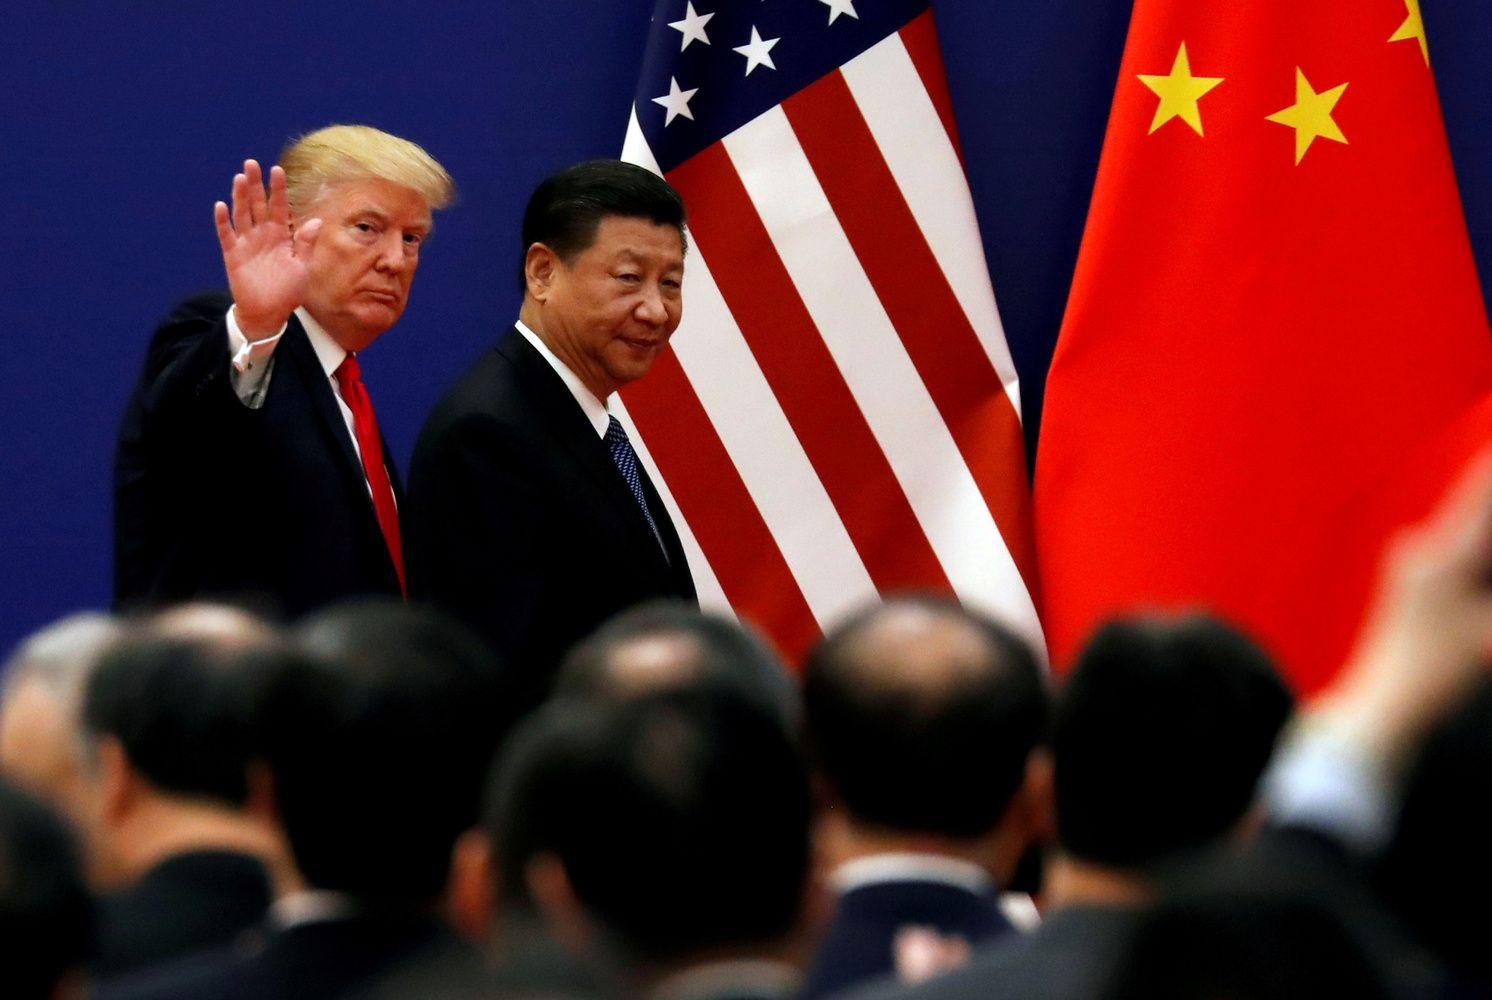 Po JAV tarifų Kinijai - permainingos investuotojų nuotaikos